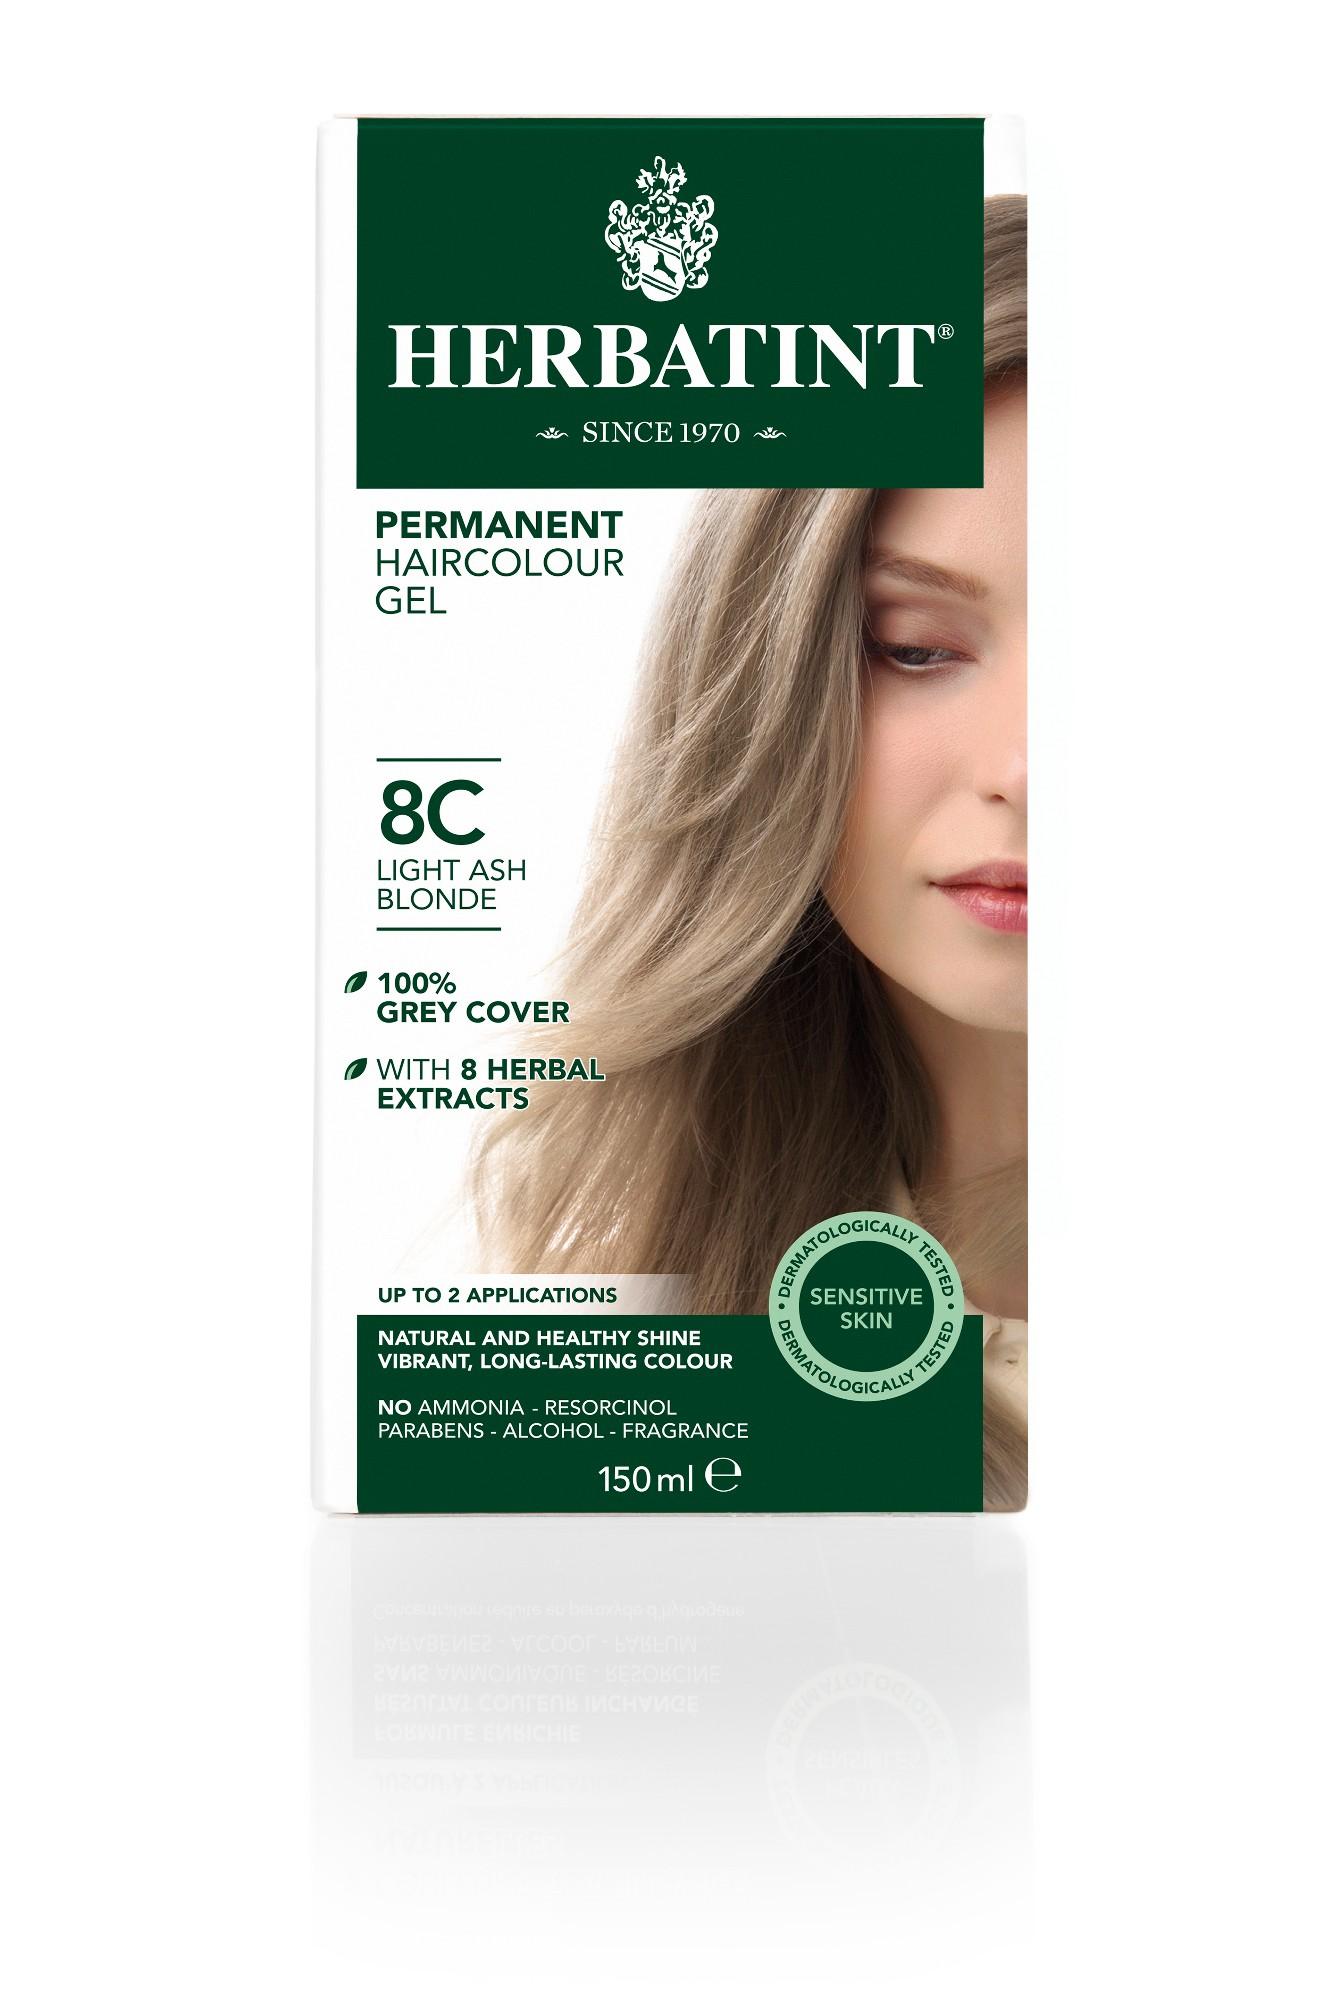 Ilgalaikiai plaukų dažai HERBATINT 8C šviesi pelenų blondinė, 150 ml